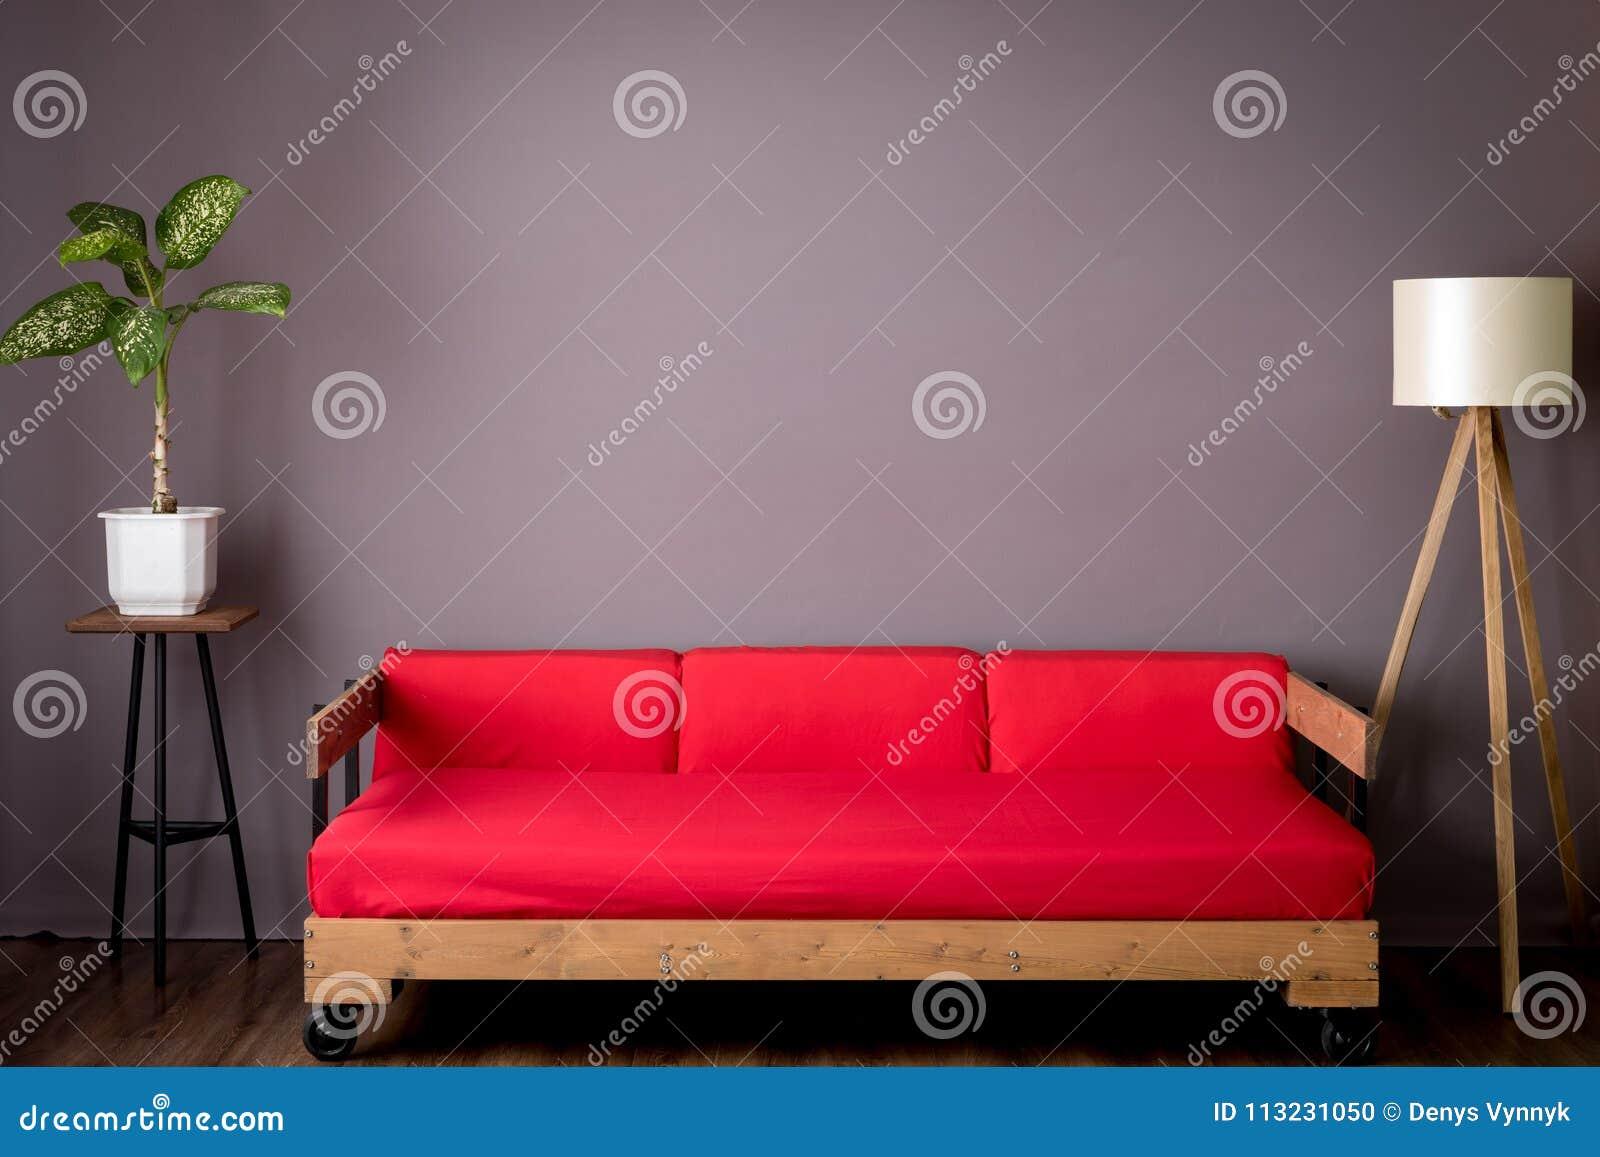 Zaal rode bank en lamp loft